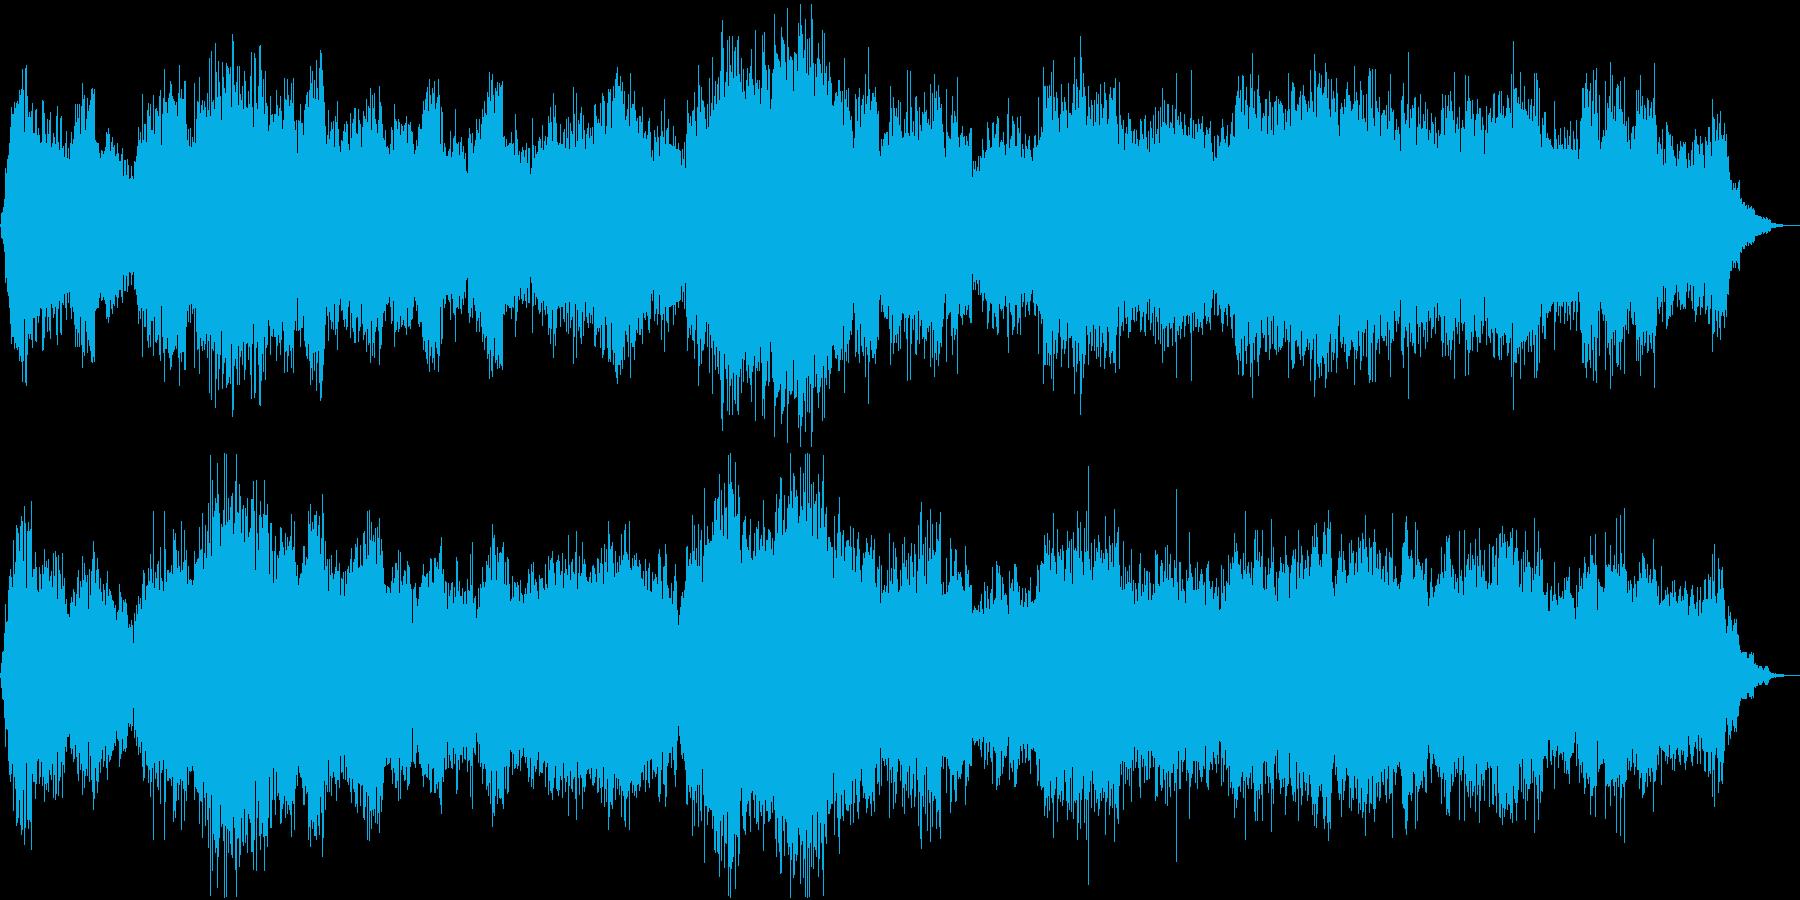 恐怖感のある気持ち悪いBGMの再生済みの波形